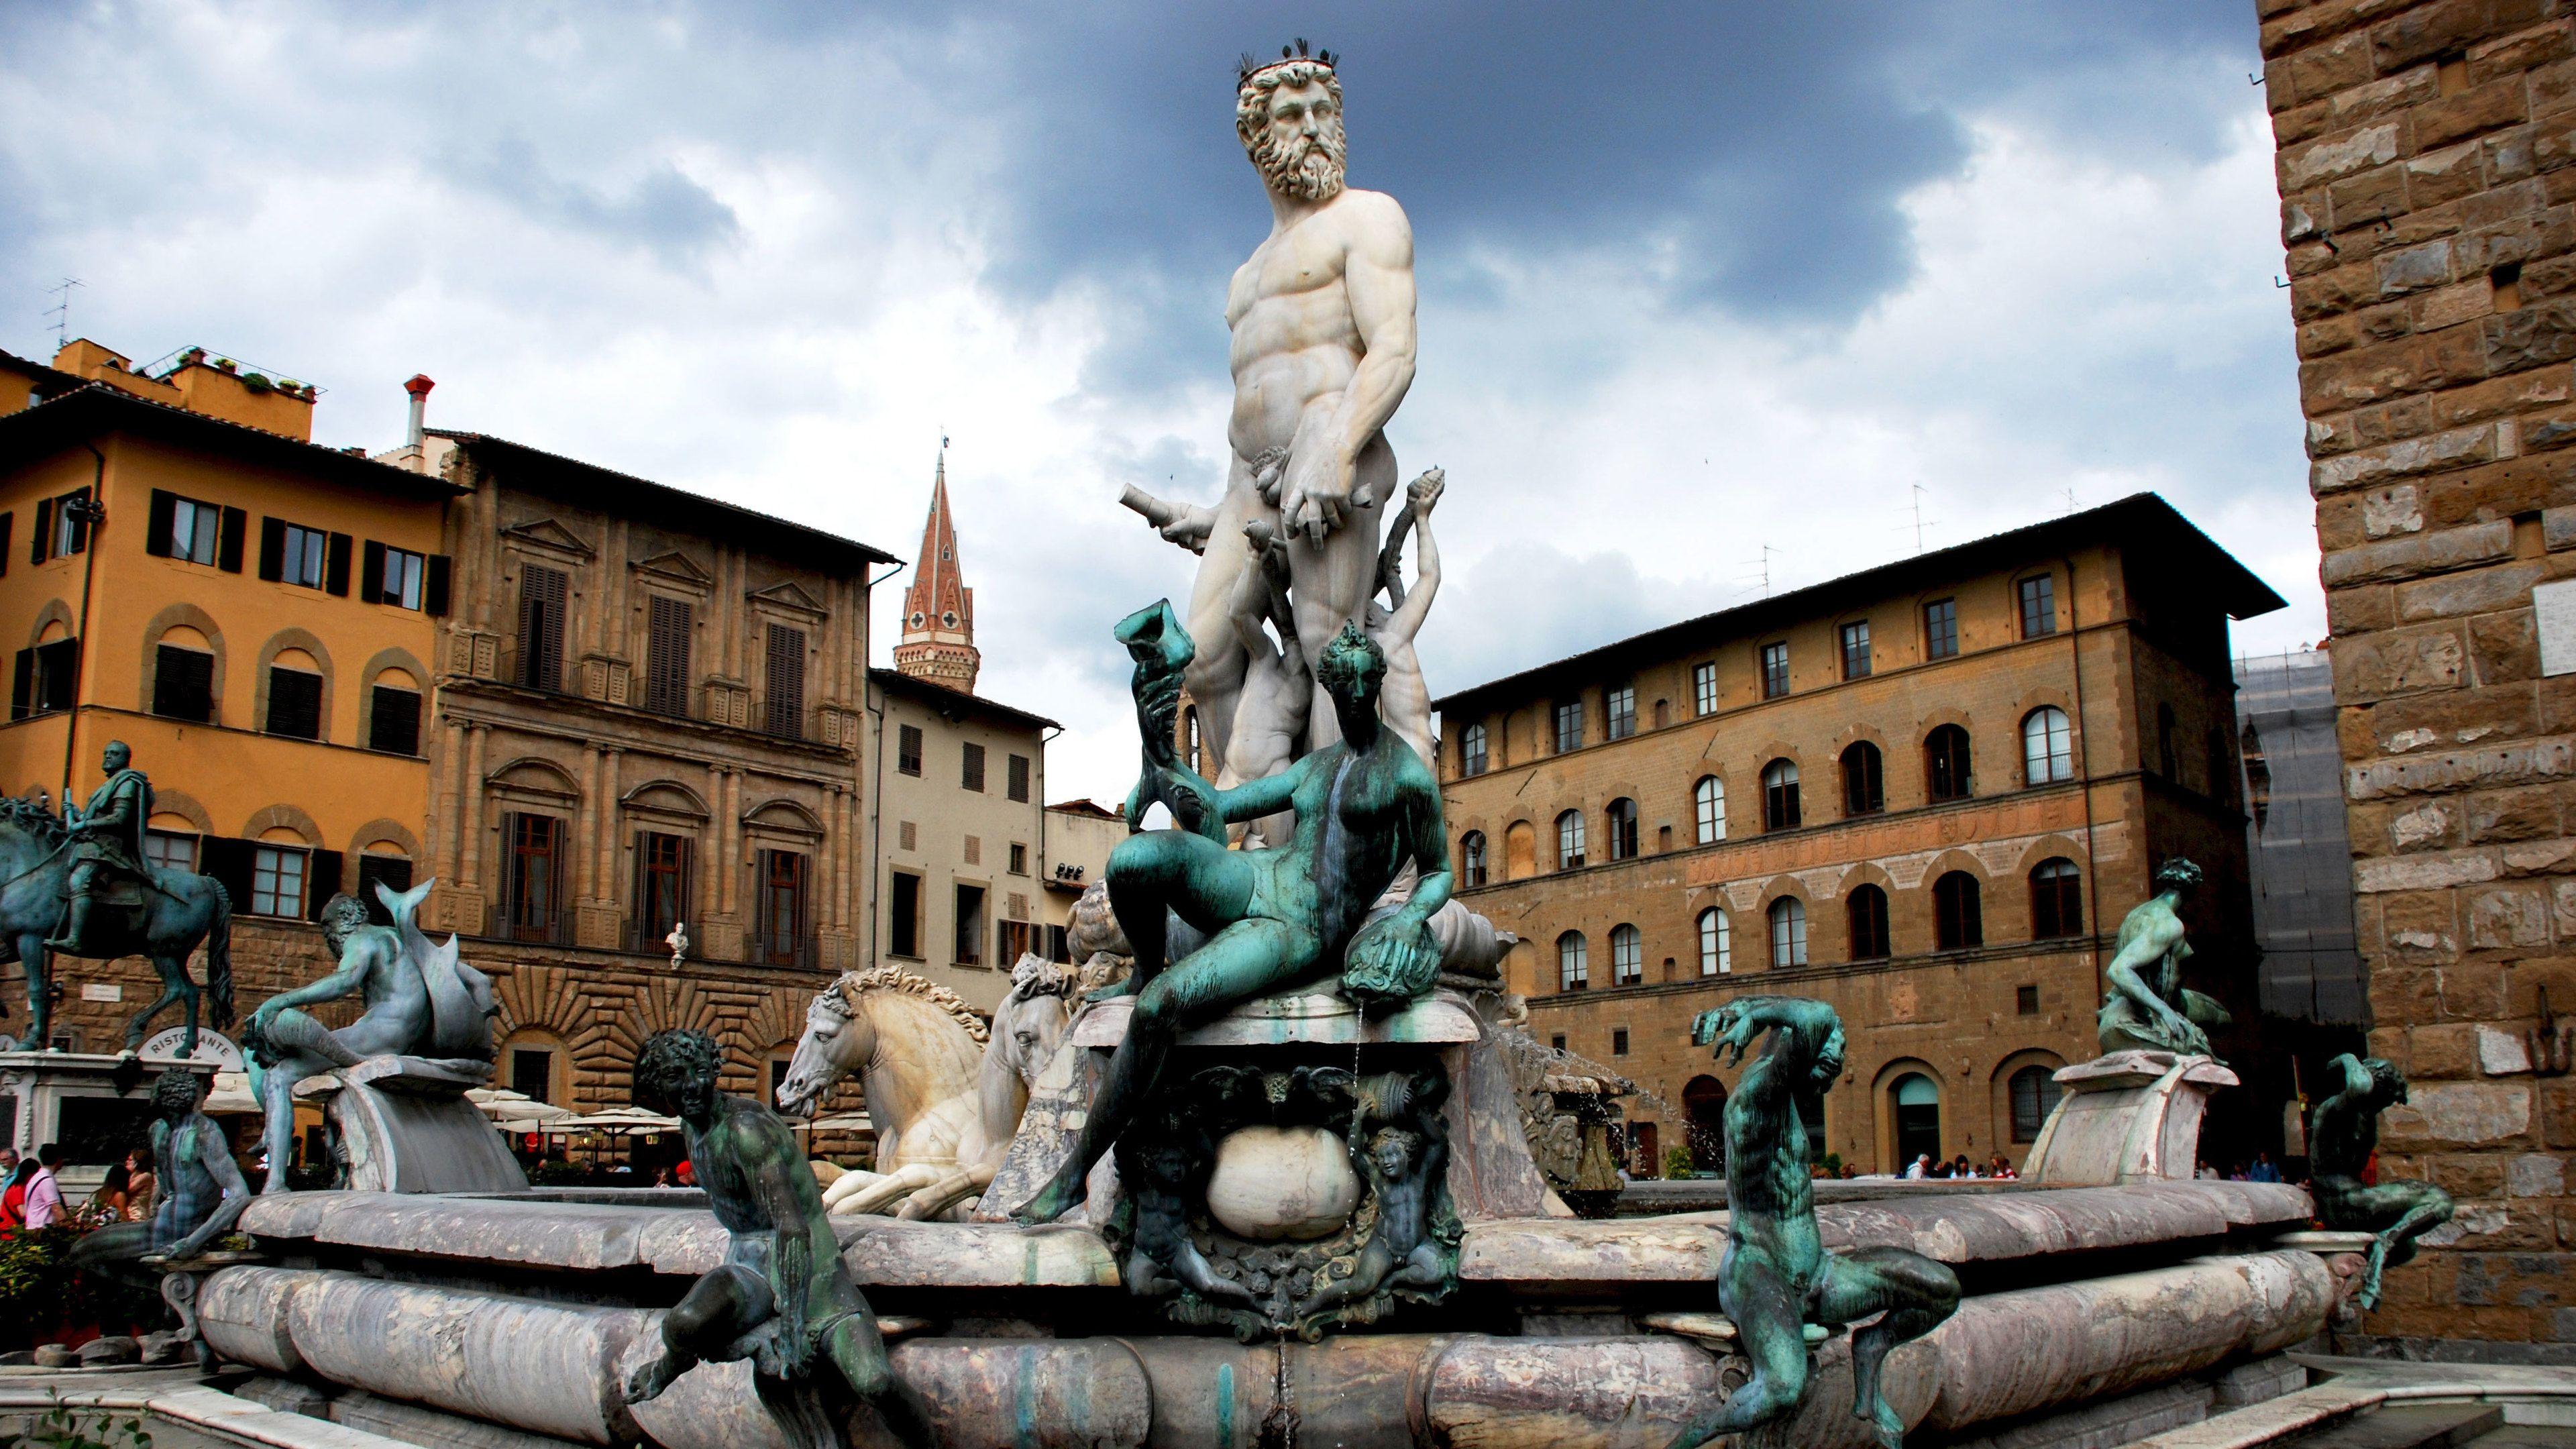 Renaissance art sculpture in Florence